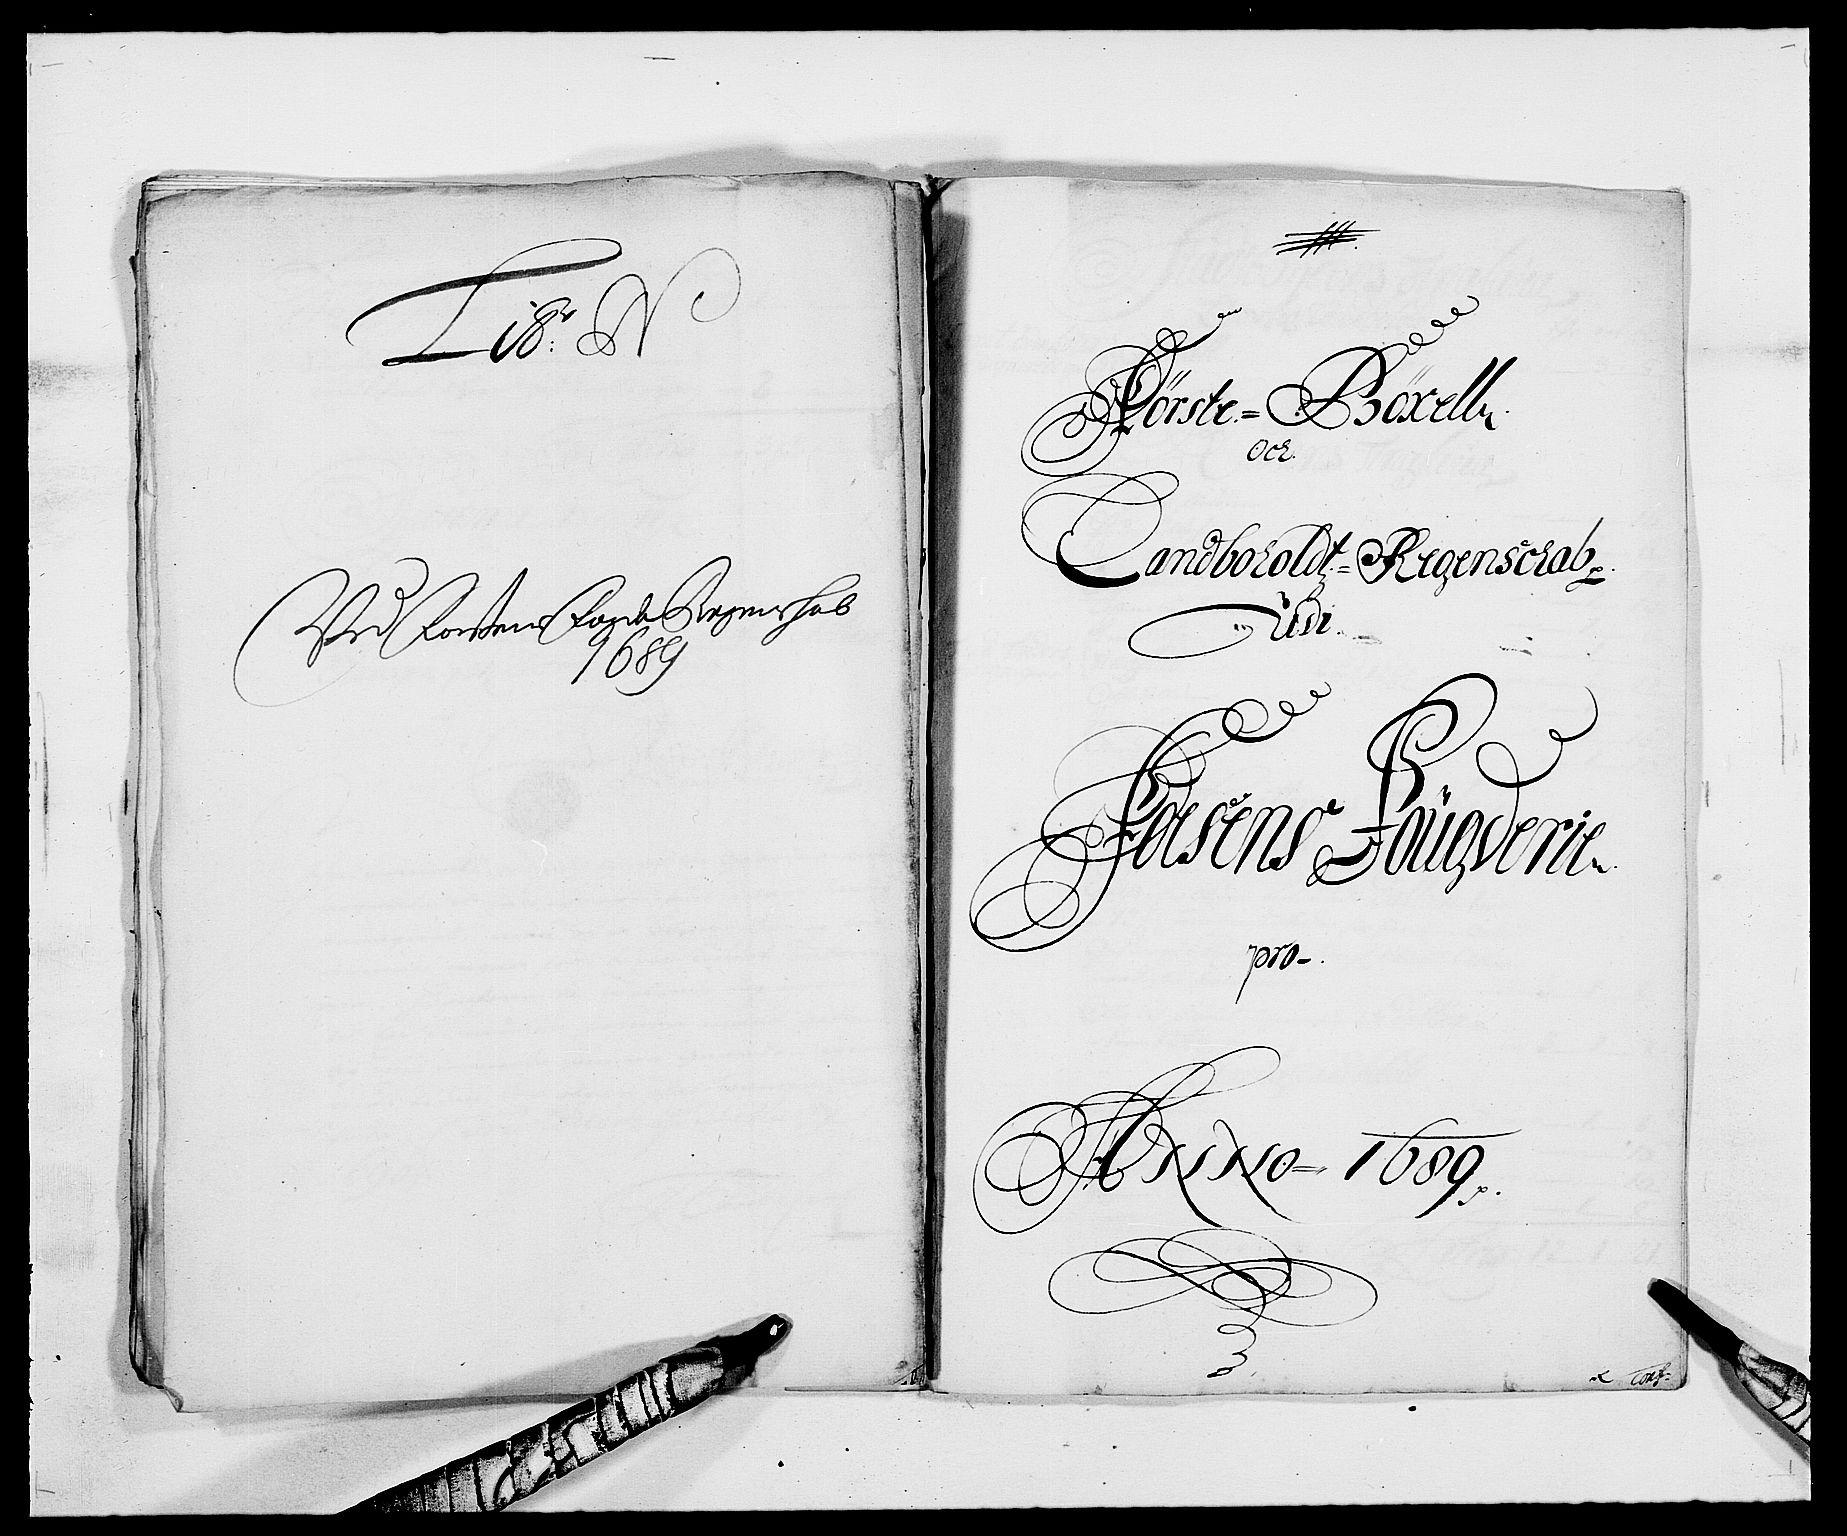 RA, Rentekammeret inntil 1814, Reviderte regnskaper, Fogderegnskap, R57/L3847: Fogderegnskap Fosen, 1689, s. 117